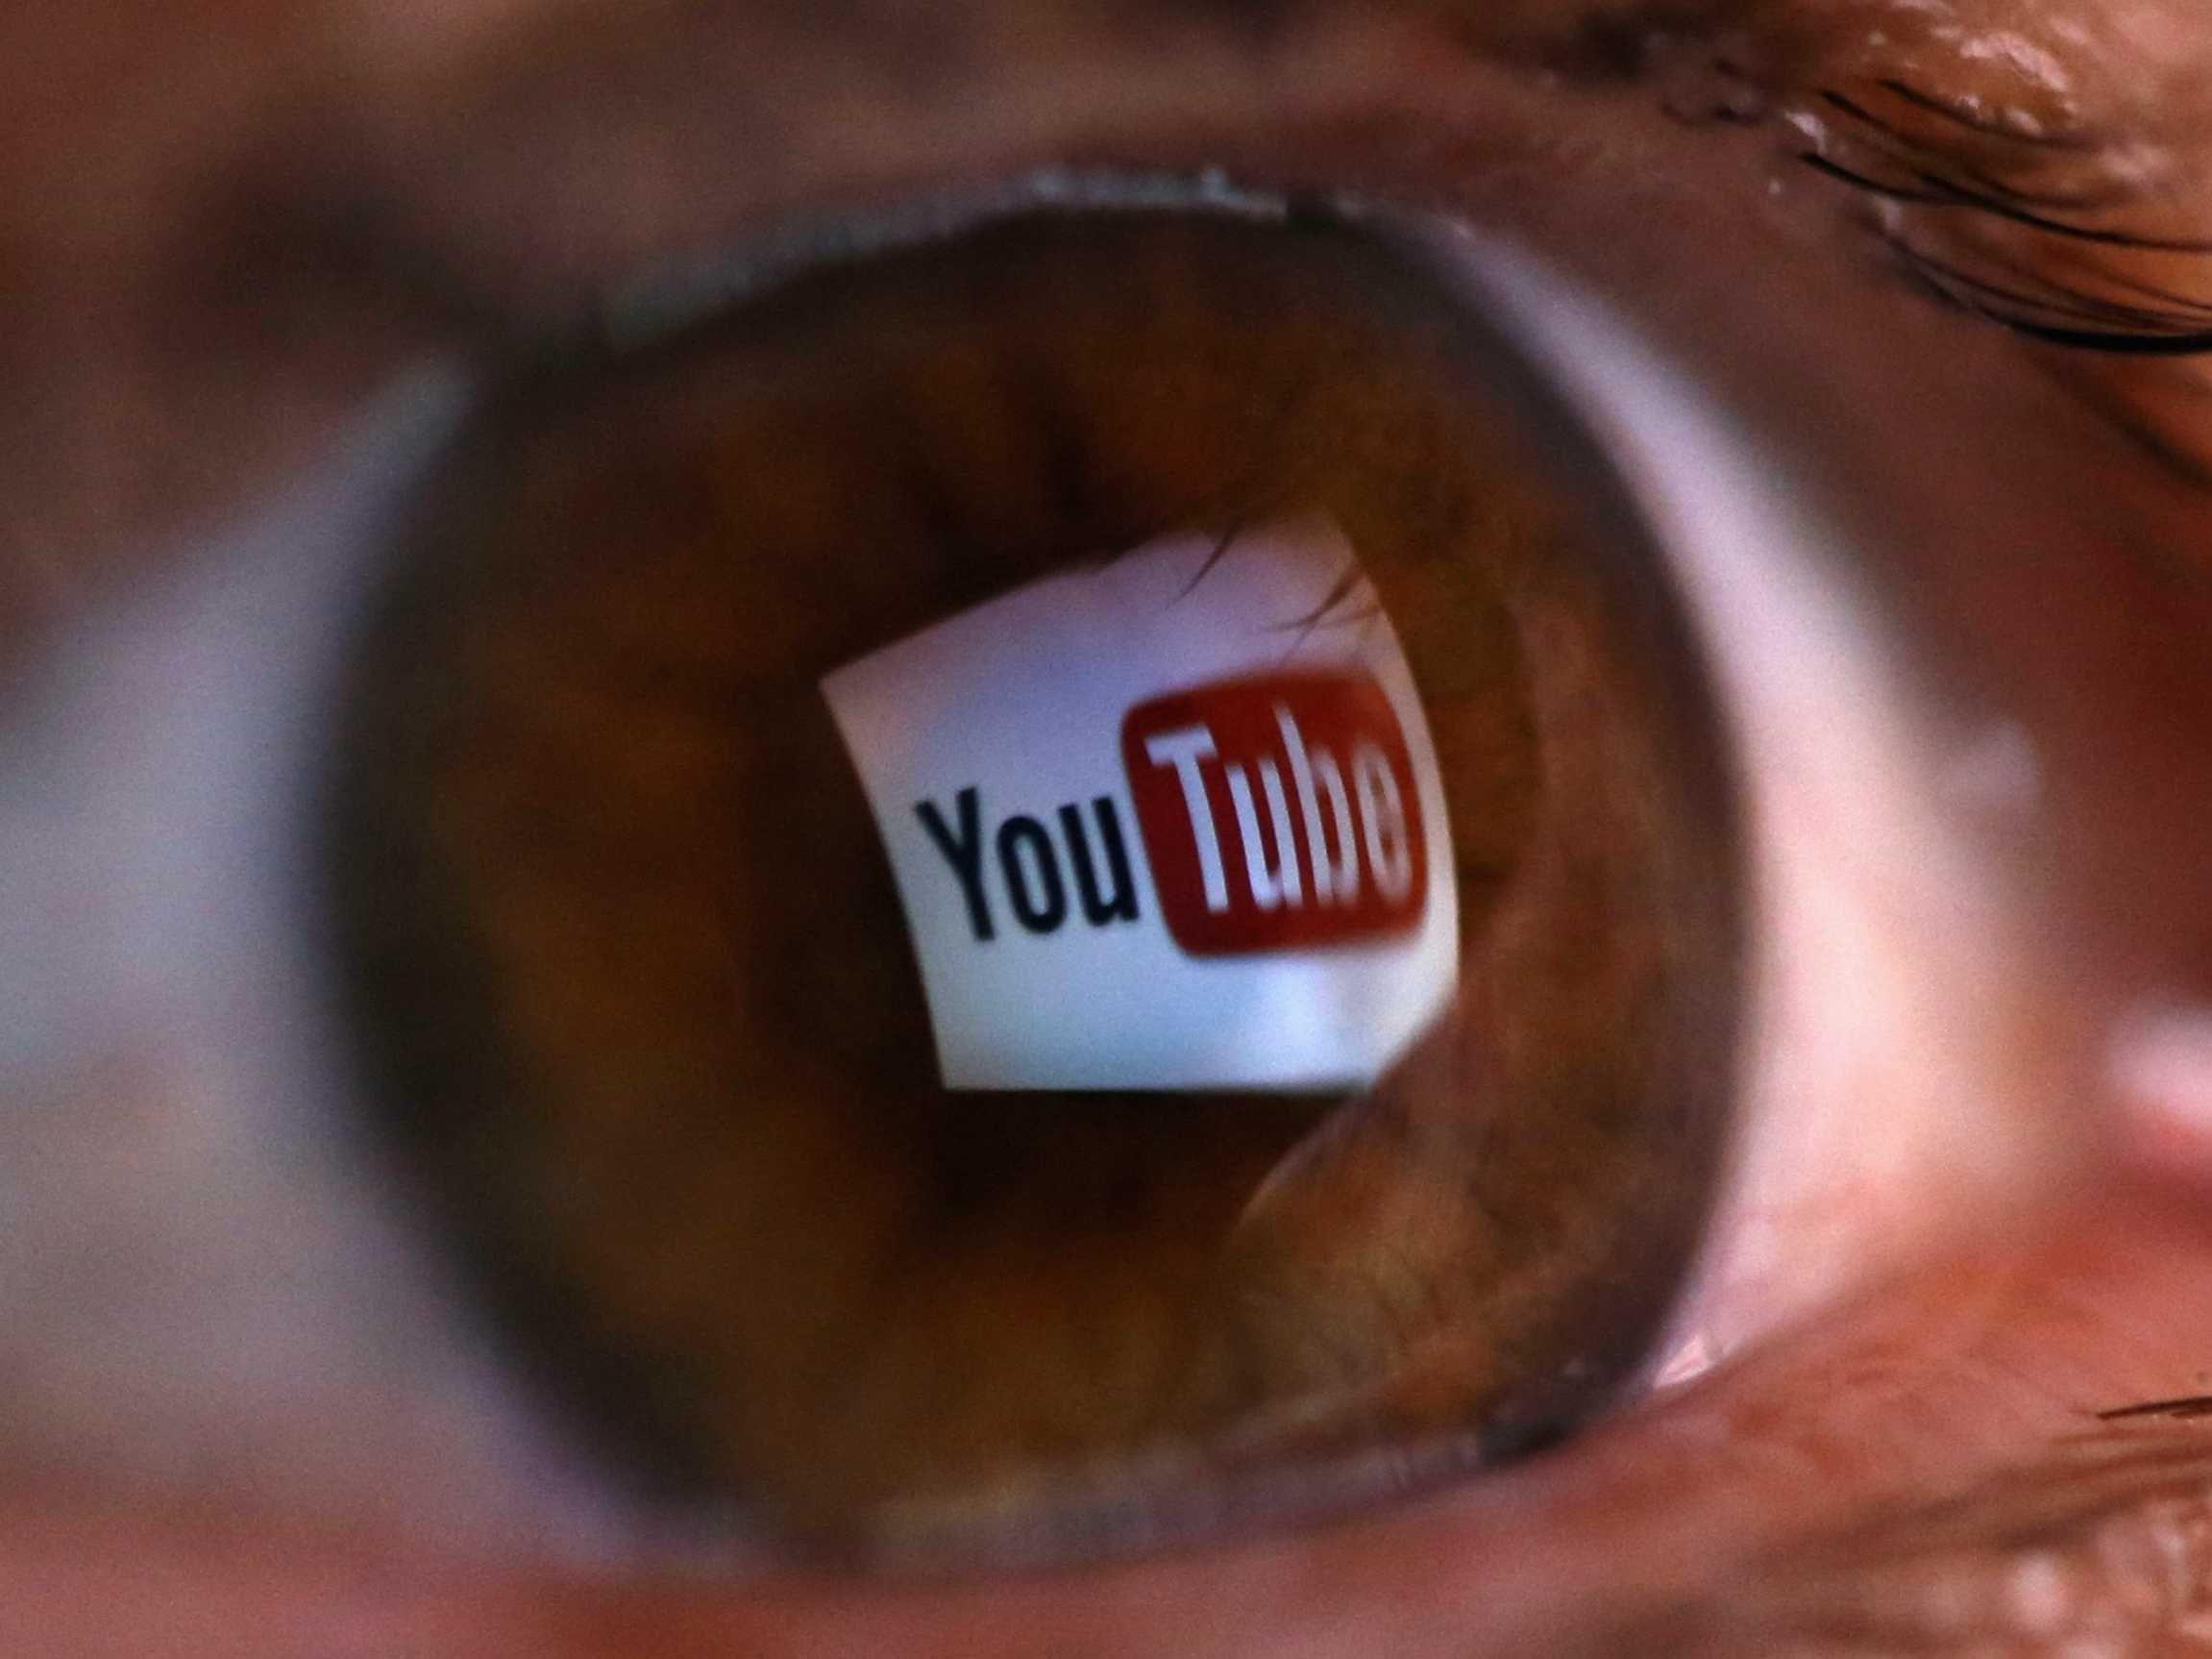 YouTube: El 80 % del tráfico en internet será generado por vídeos en 2019